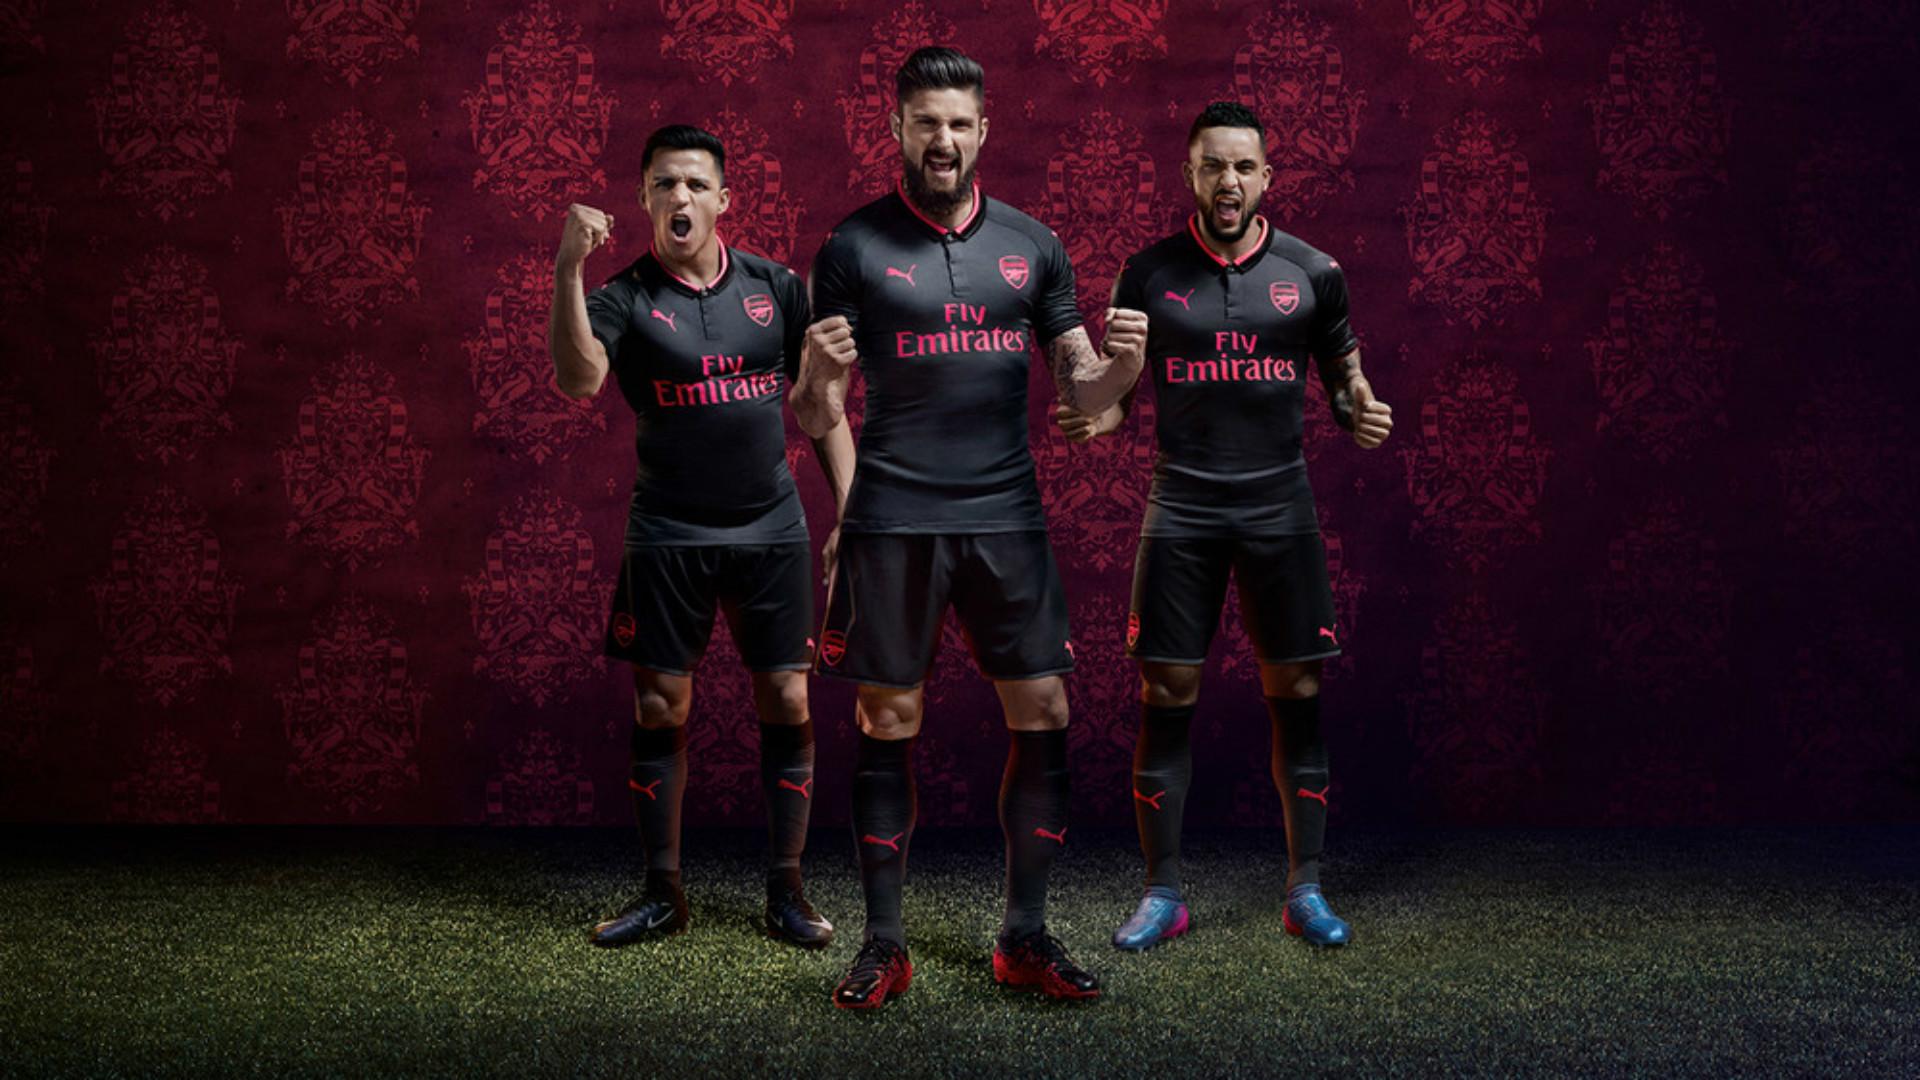 Arsenal Third Kit 2017-18